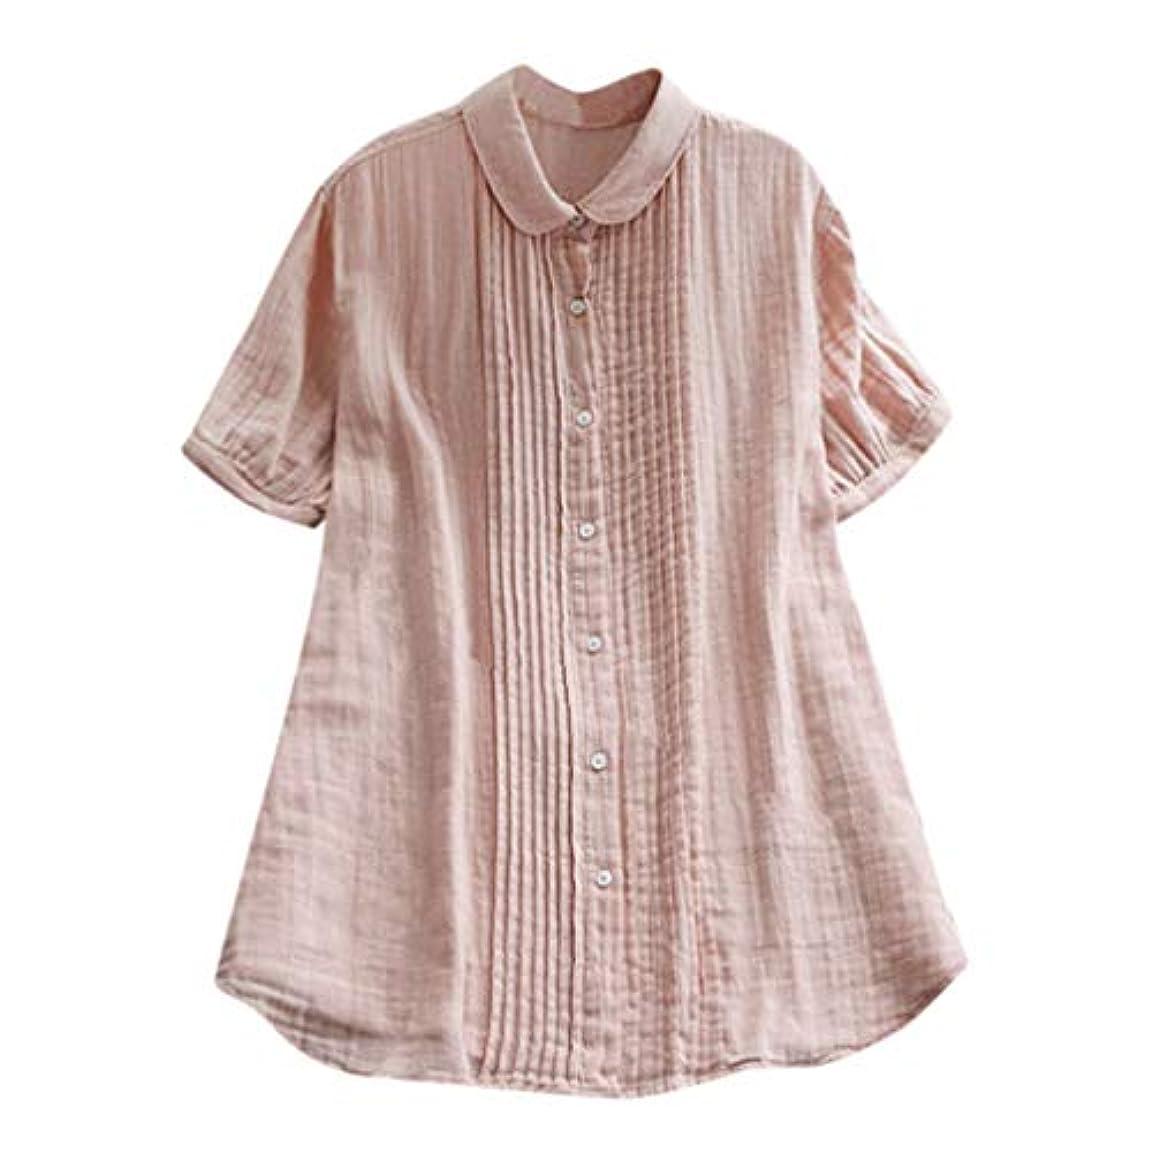 耐えるジャグリングセールスマン女性の半袖Tシャツ - ピーターパンカラー夏緩い無地カジュアルダウントップスブラウス (ピンク, M)